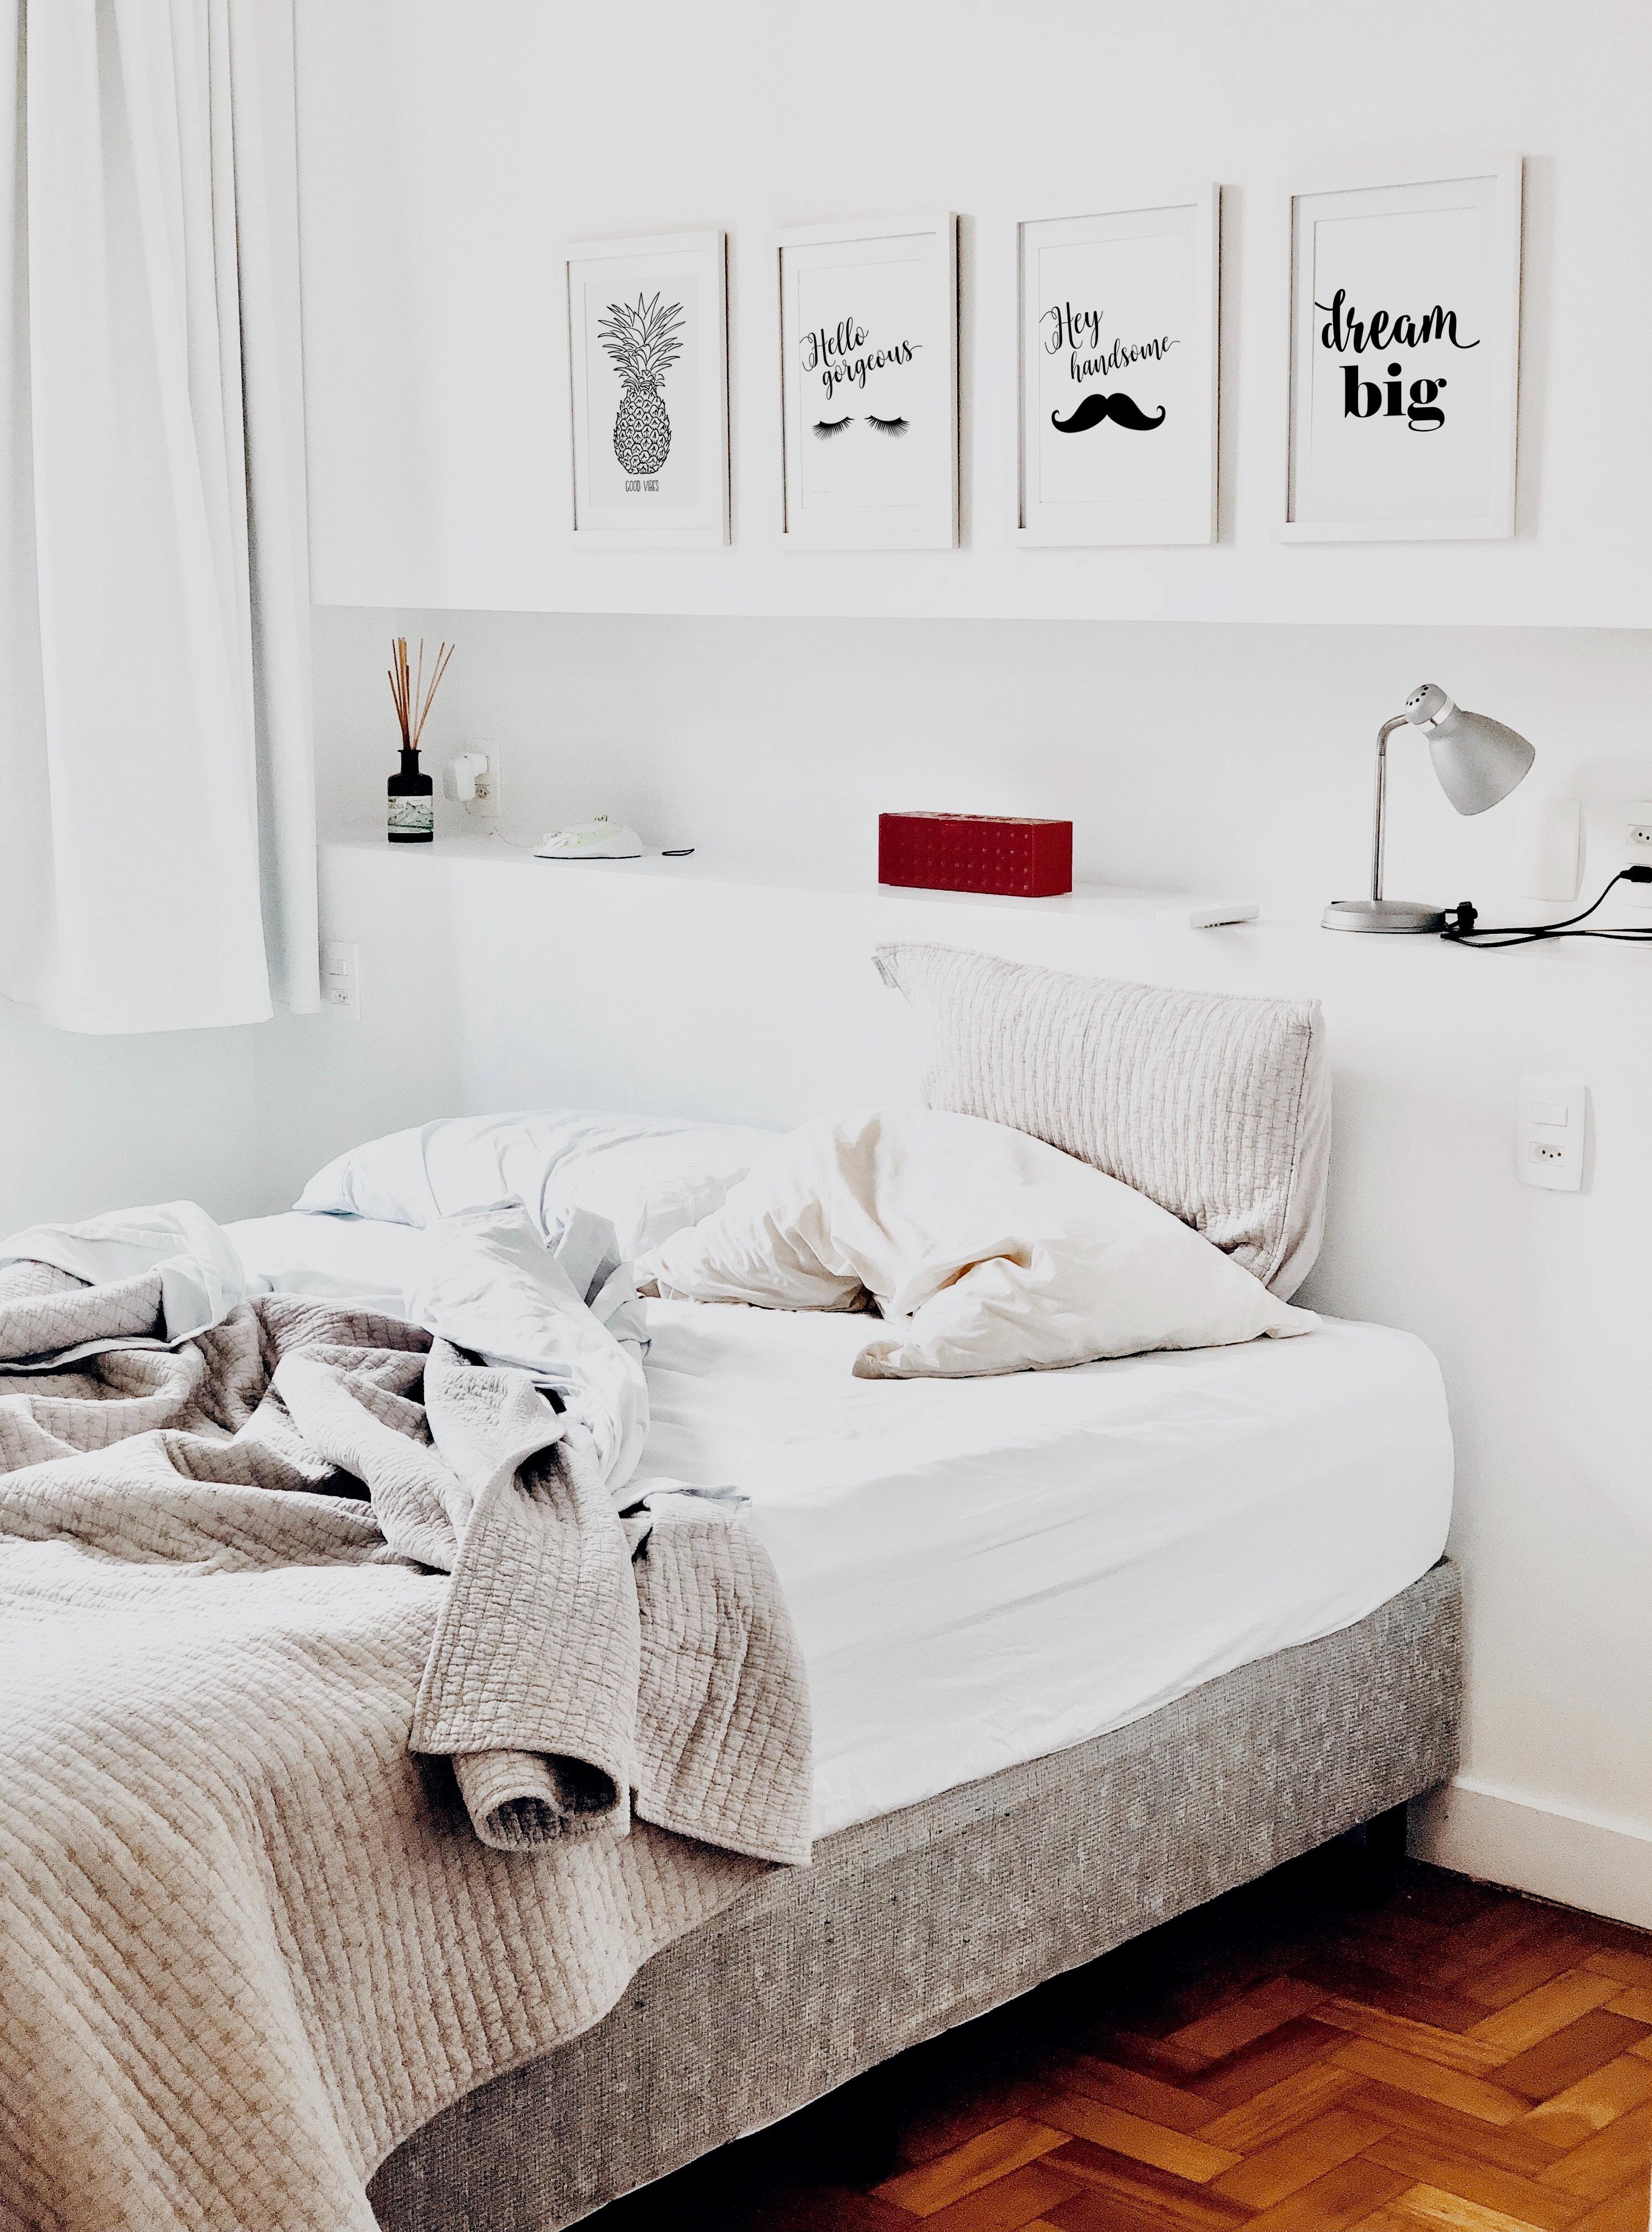 31 Magnificent Rustic Scandinavian Interior Bedroom Inspirations In 2020 Minimalist Bedroom Decor Scandinavian Design Bedroom Simple Bedroom